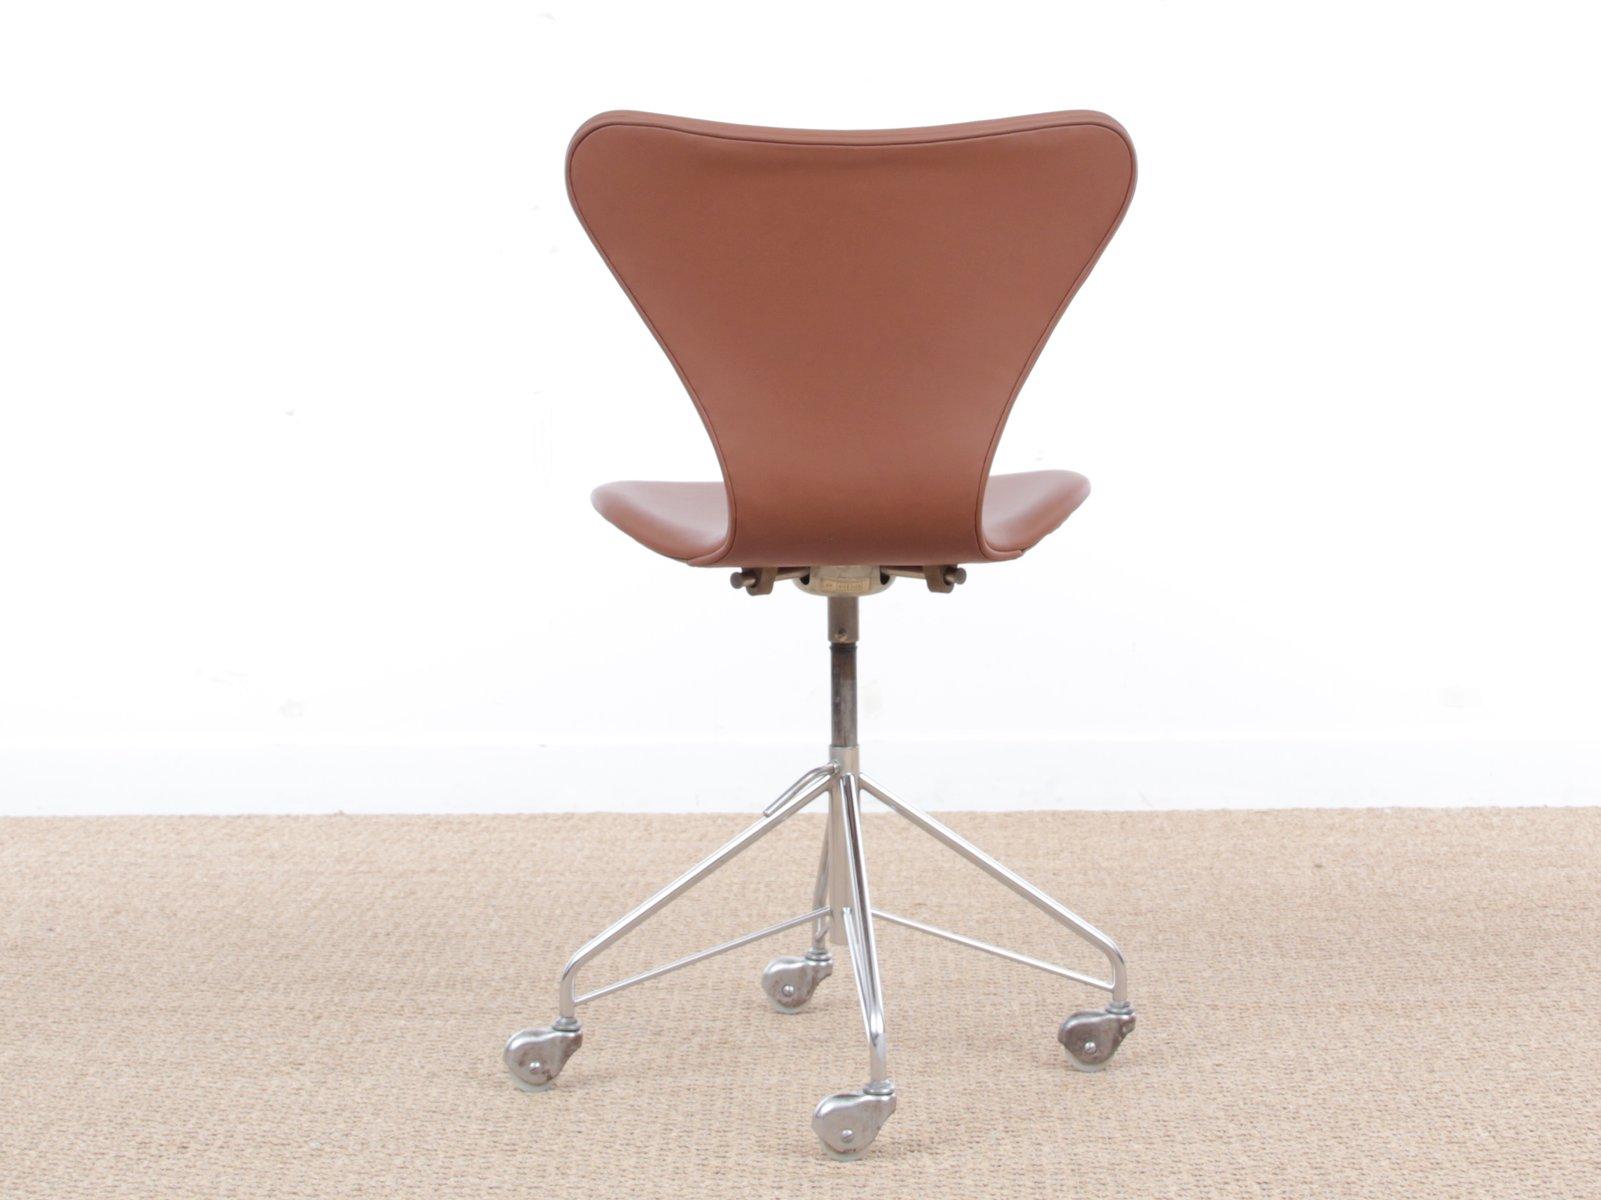 Mid Century Modern Model 3117 Desk Chair By Arne Jacobsen For Fritz